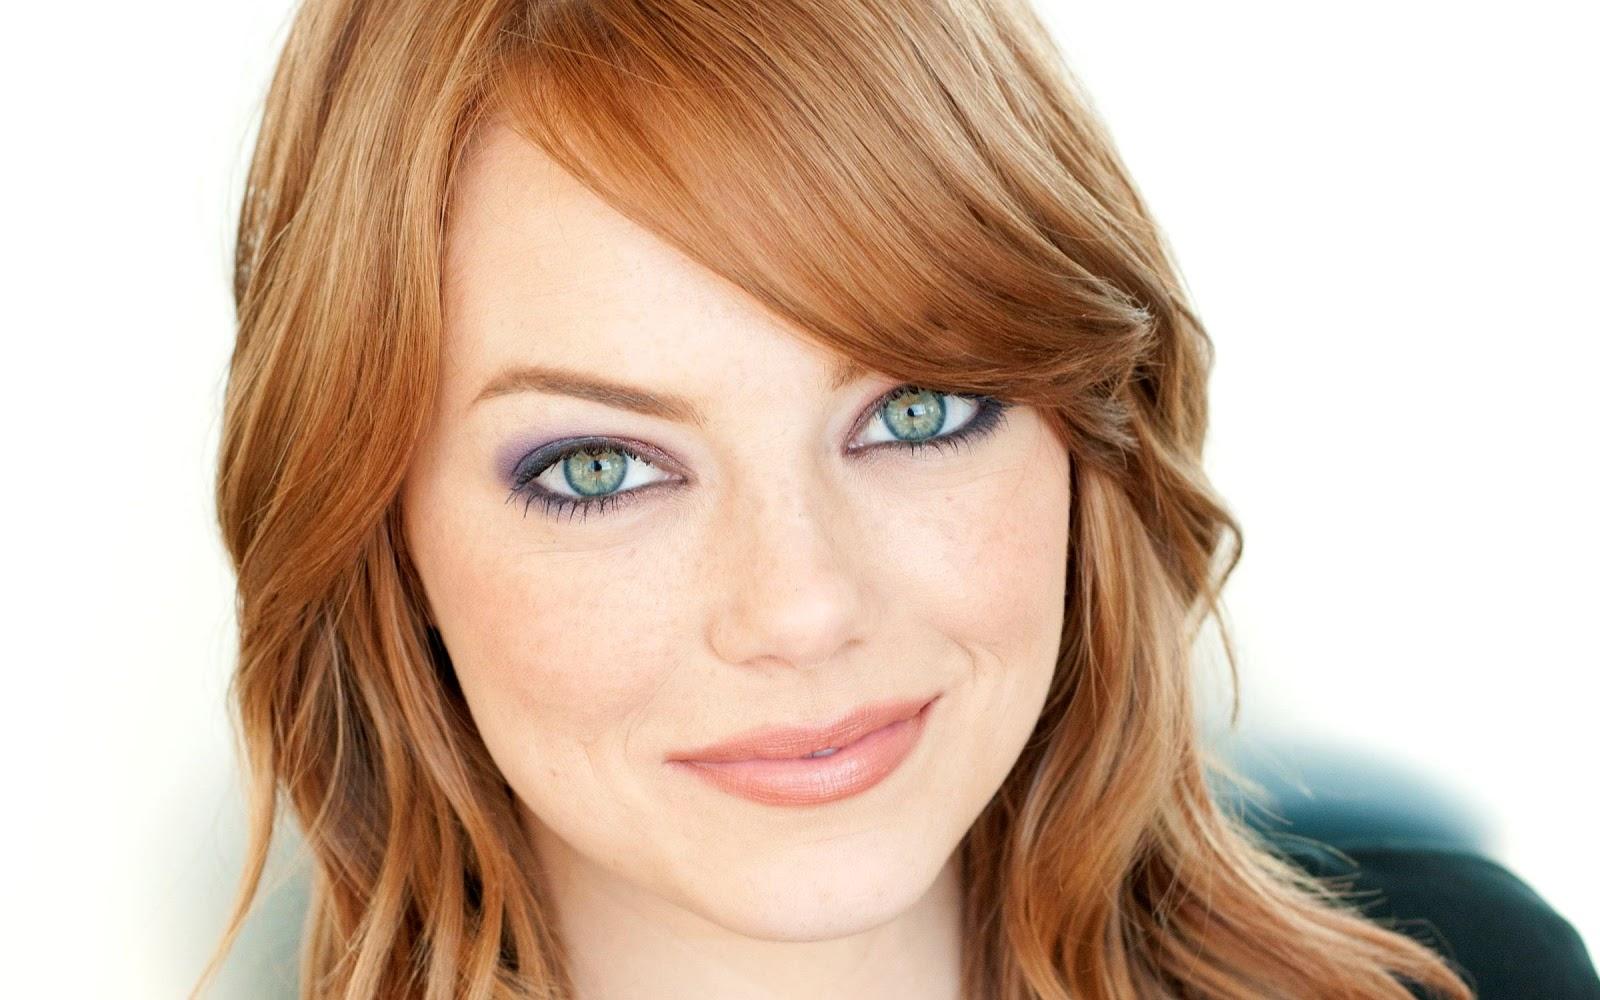 Colore capelli carnagione chiara e occhi verdi